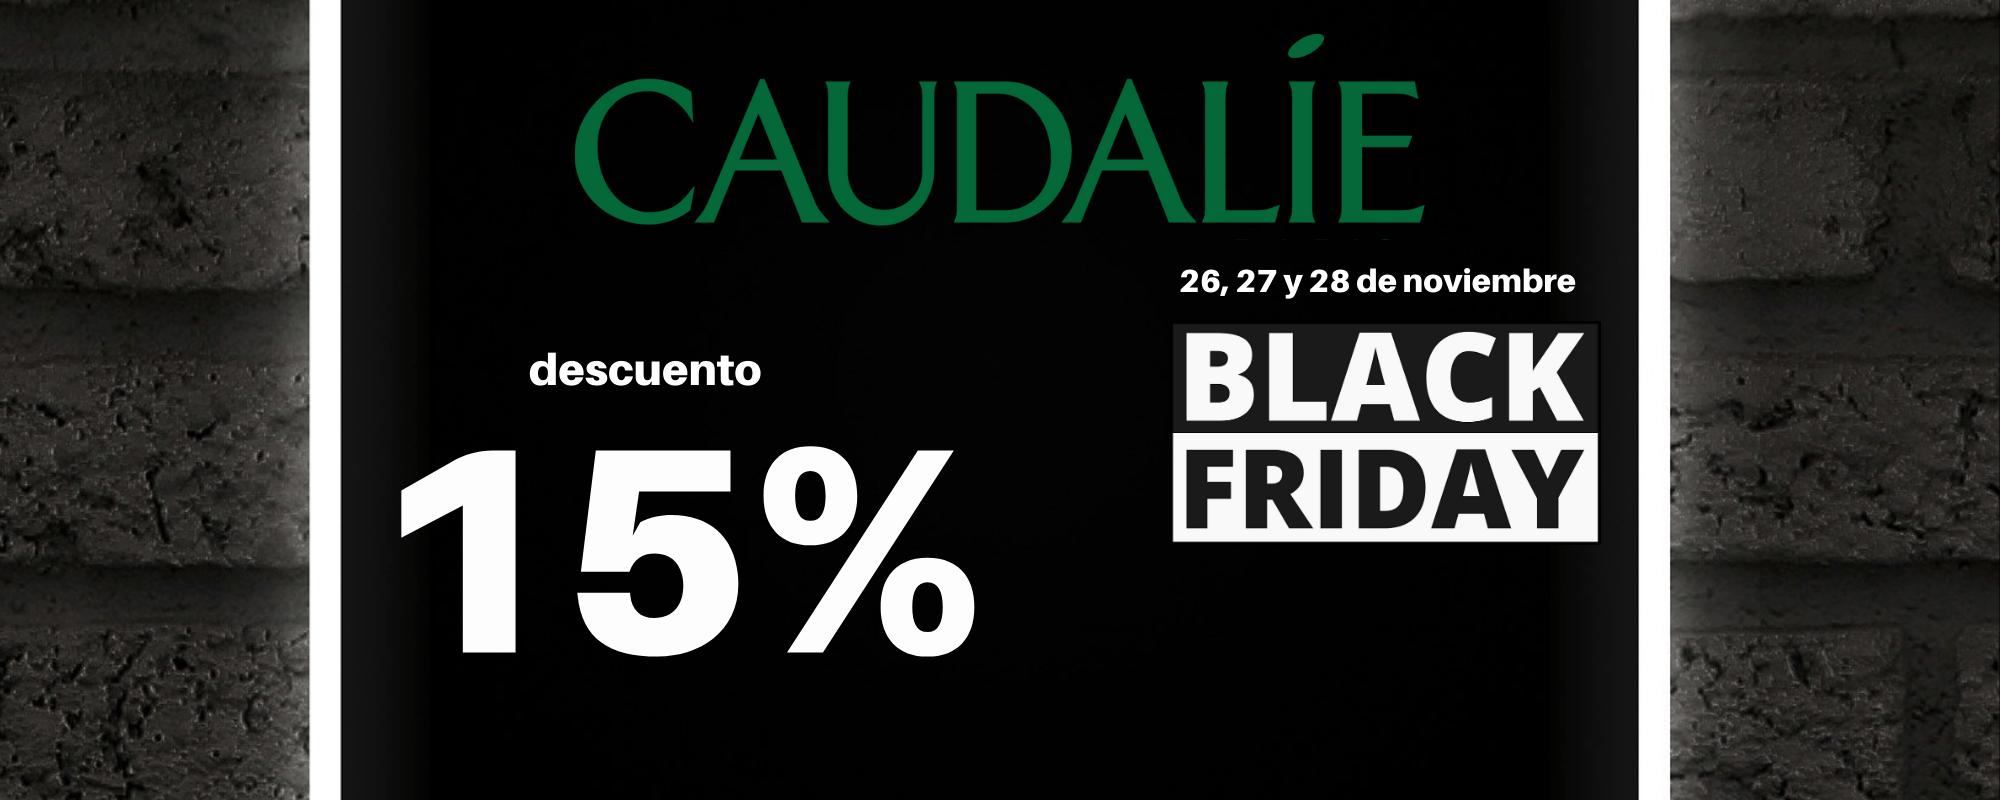 Banner Black Friday Caudalíe Farmacia Ciudad Alta